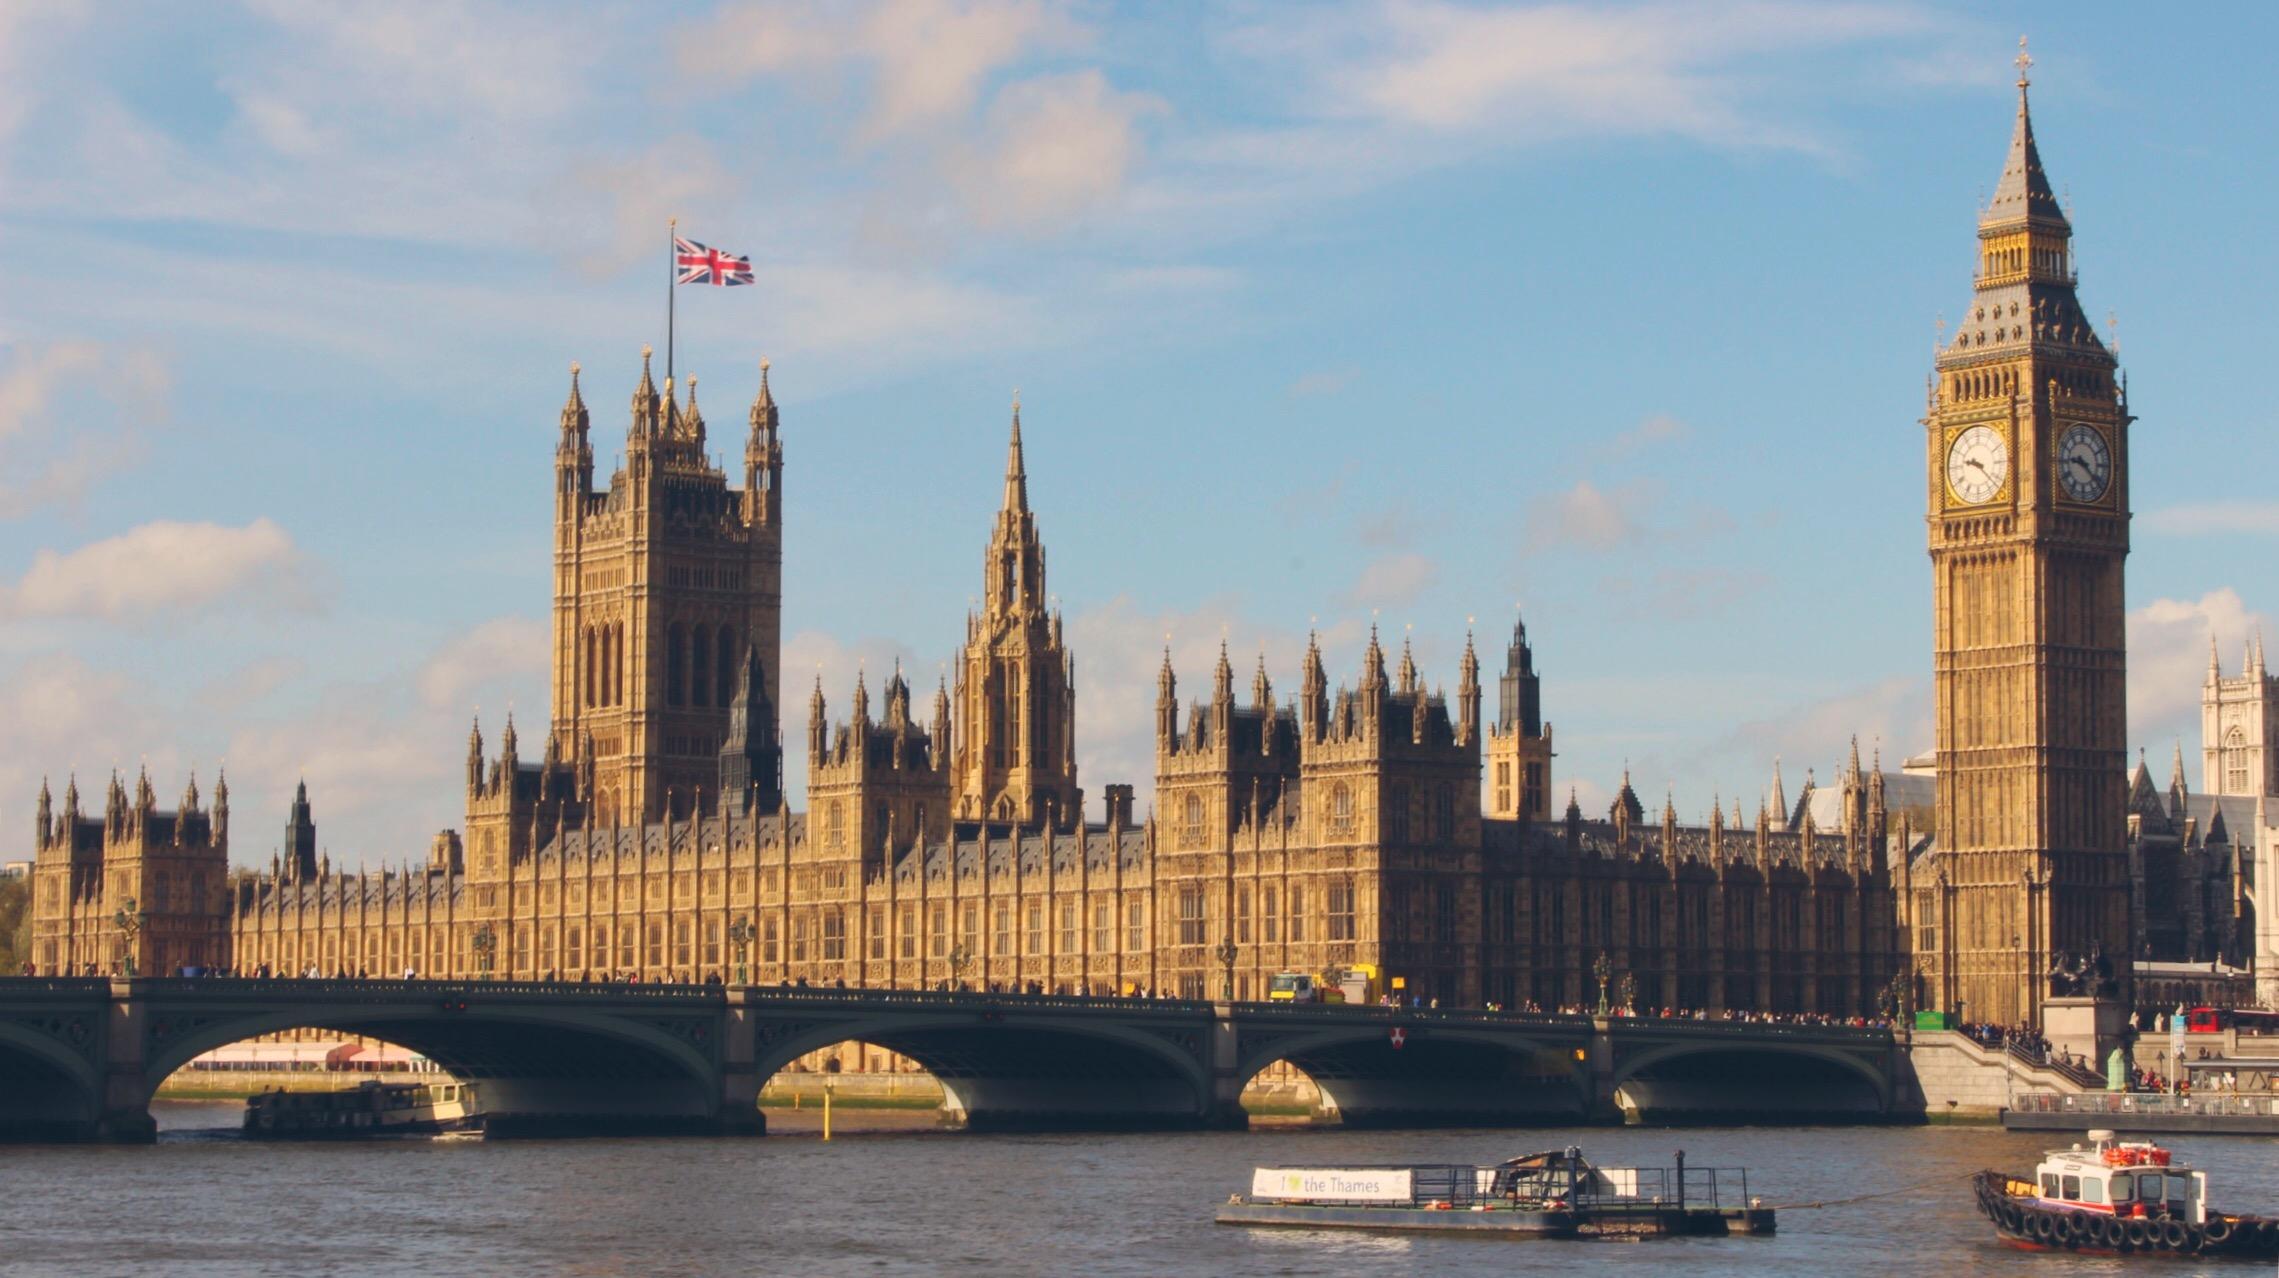 A mega European tour begins in London